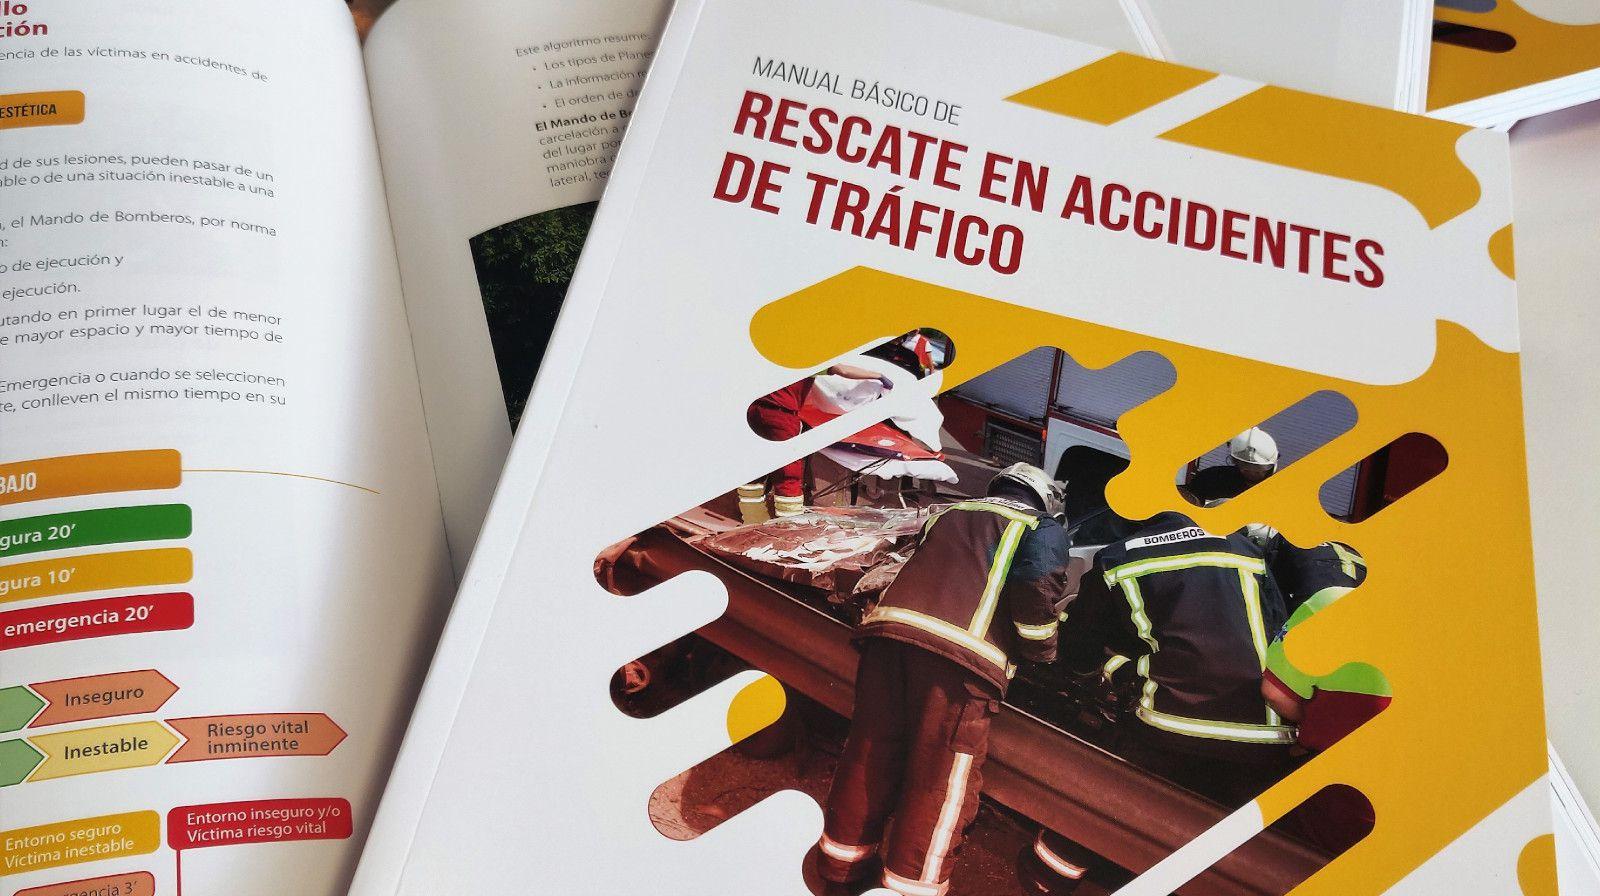 Procedimiento Unificado de Rescate en Accidentes de Tráfico